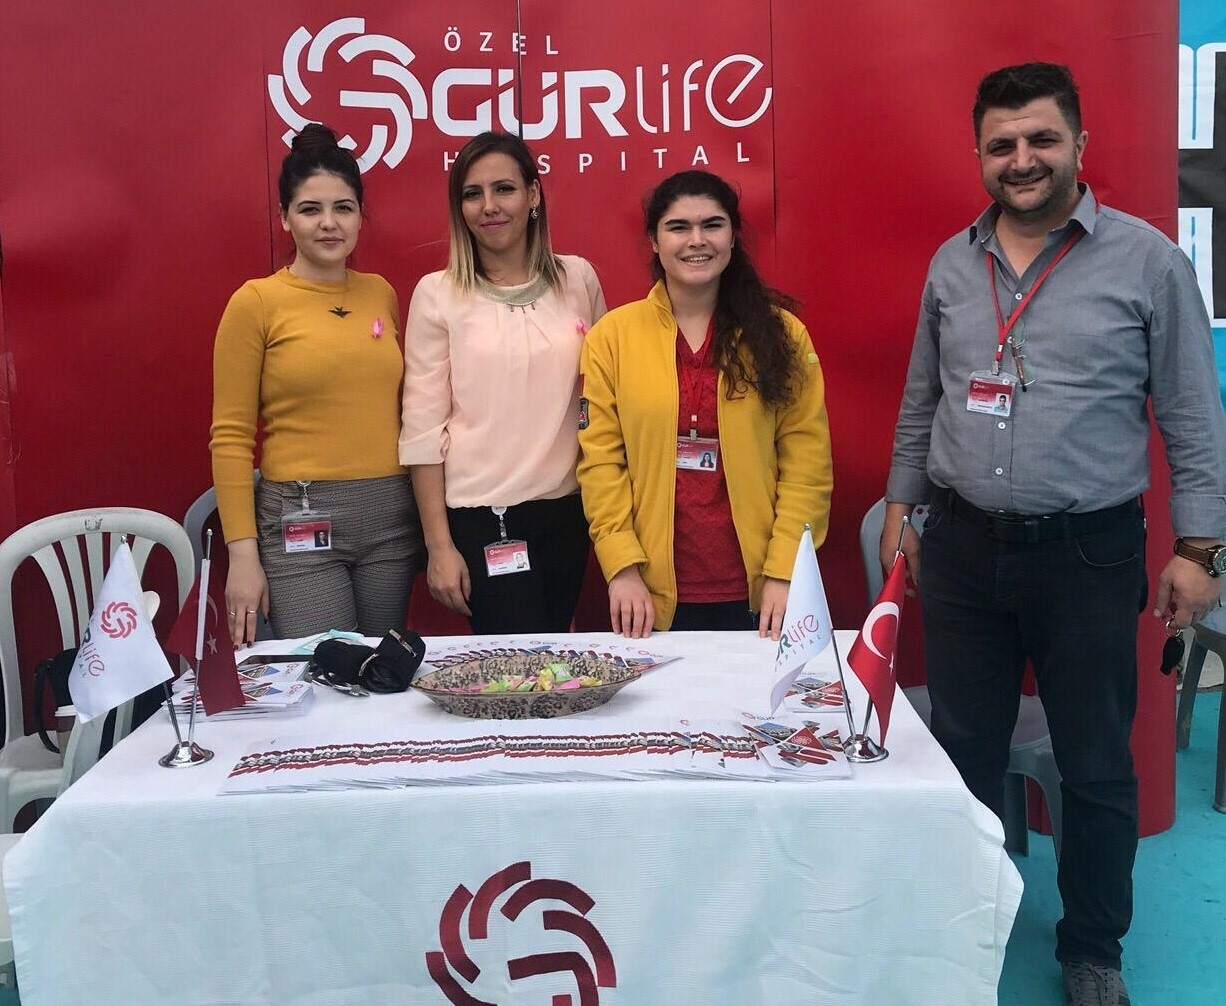 Özel Gürlife Hospital Hastanesi Eskişehir Kitap Fuarı'nda